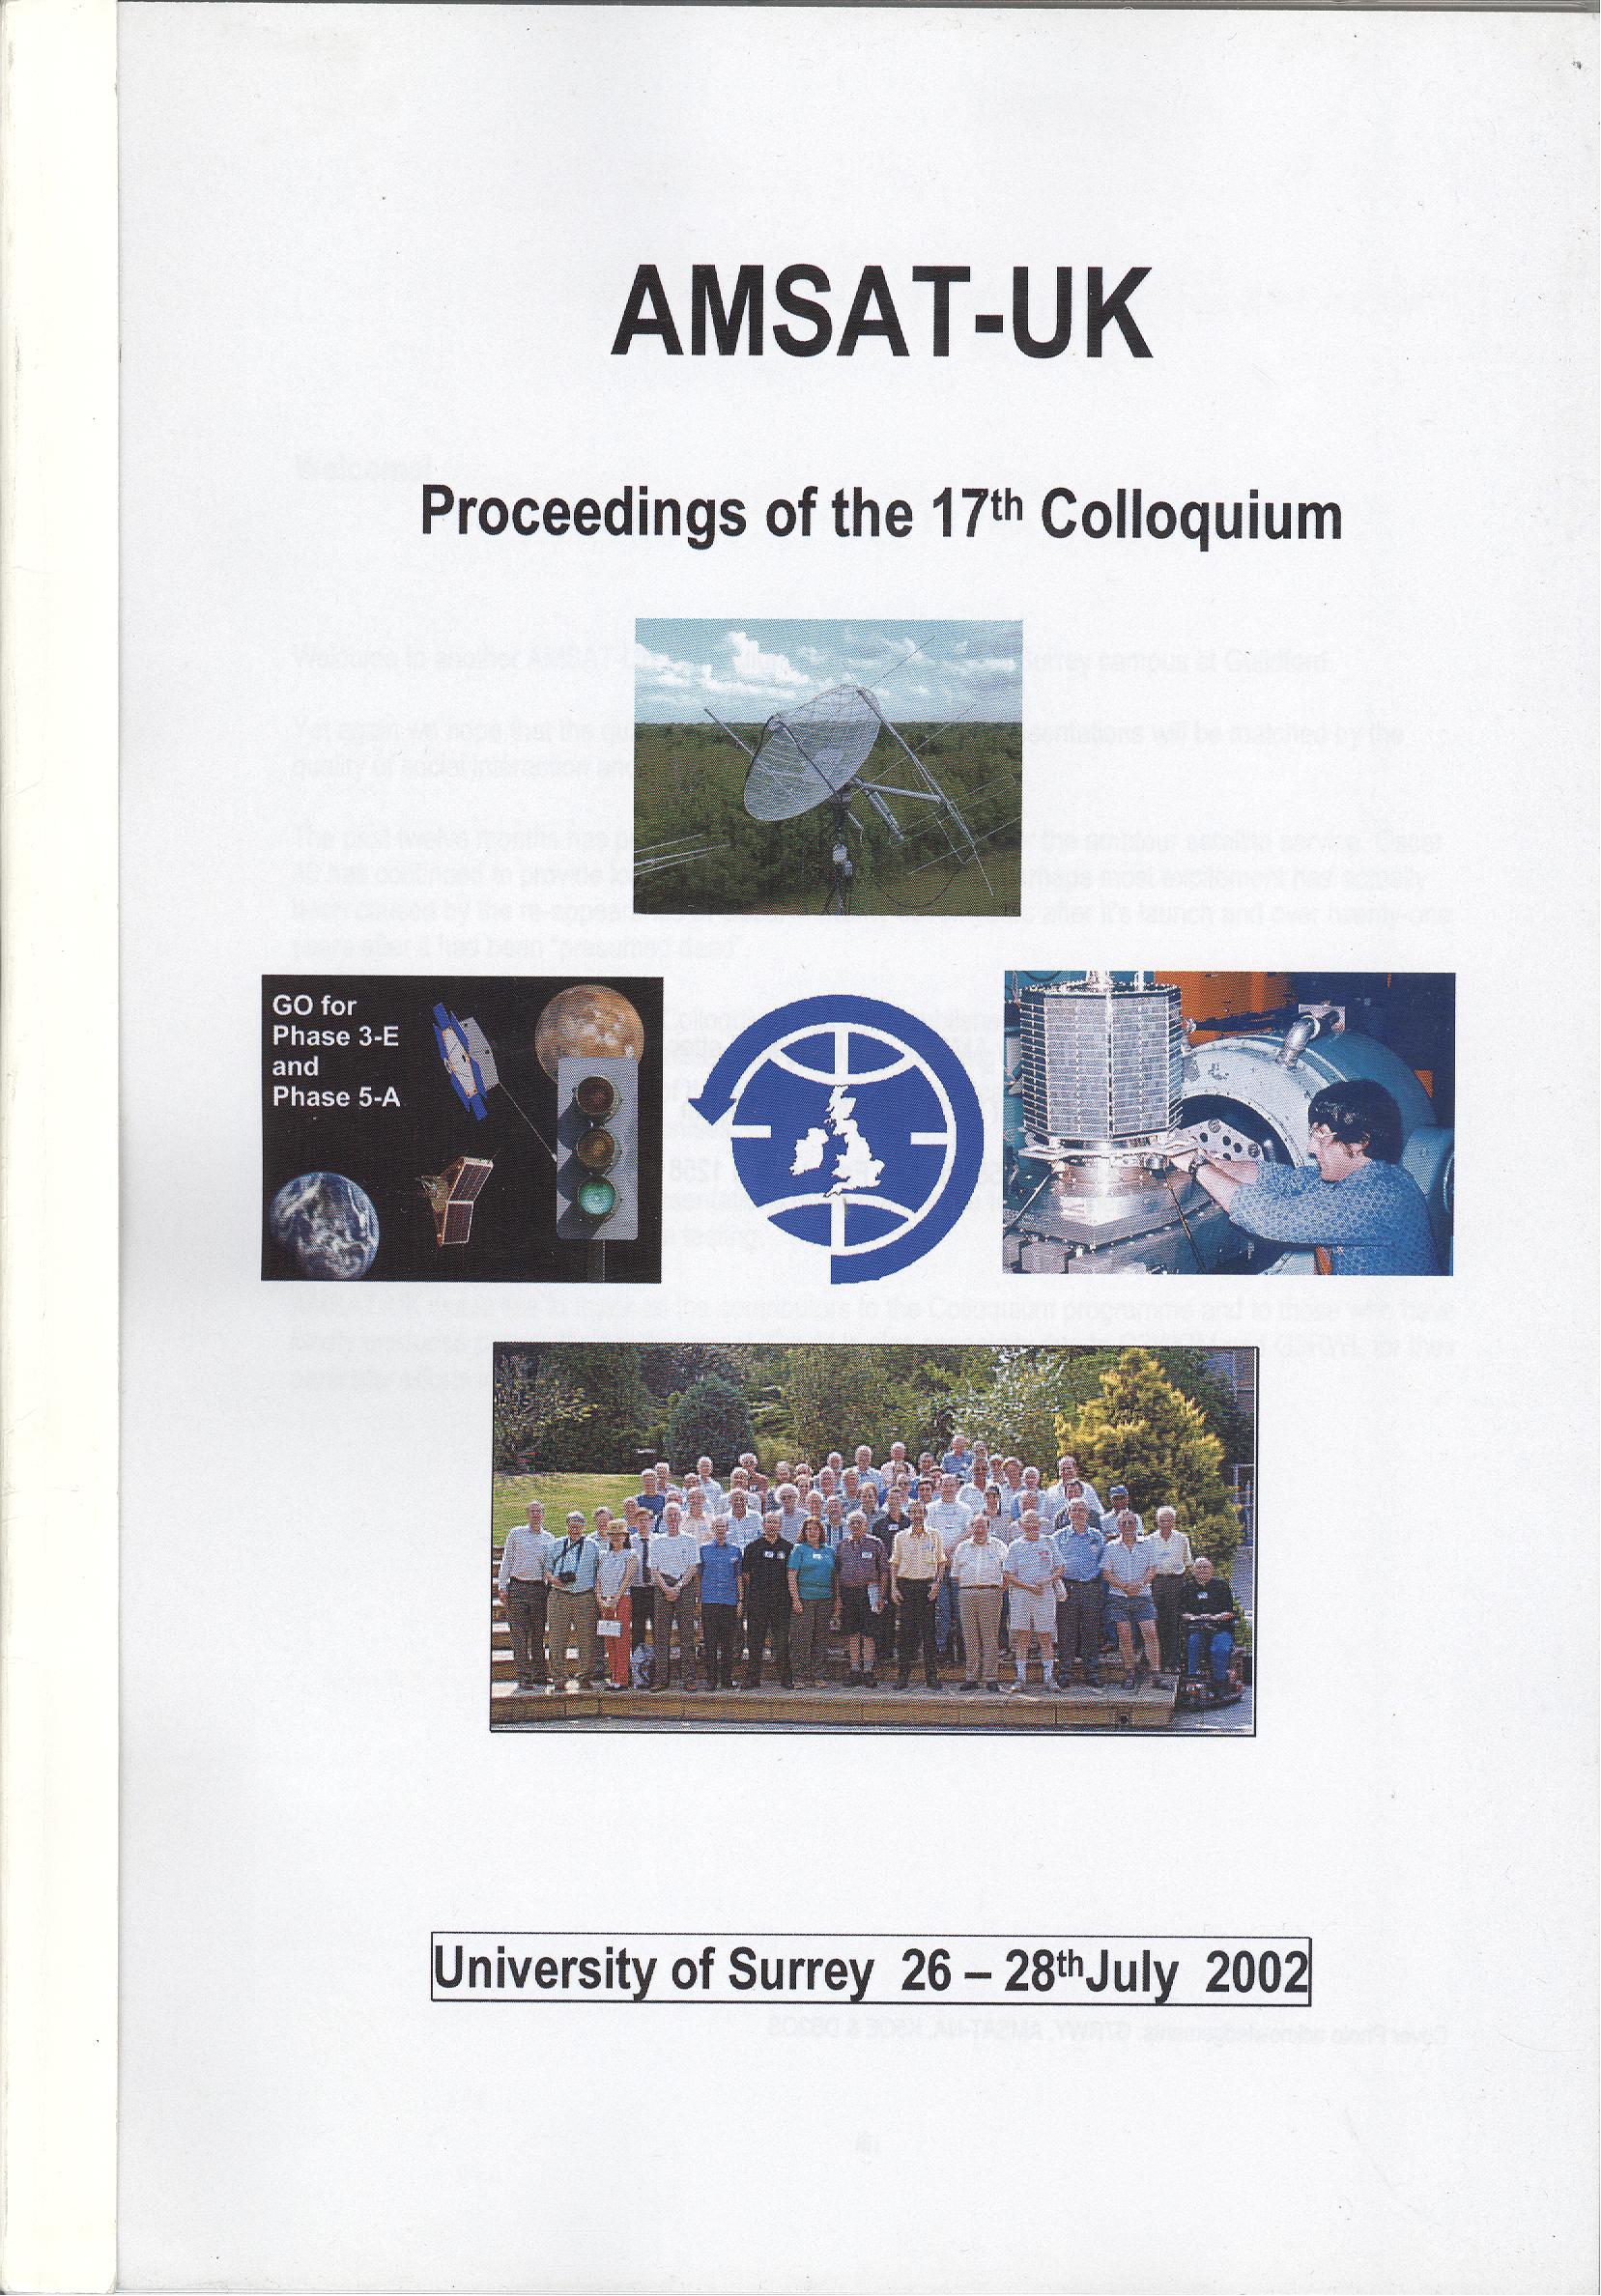 The Proceedings of the 17th AMSAT-UK Colloquium 2002